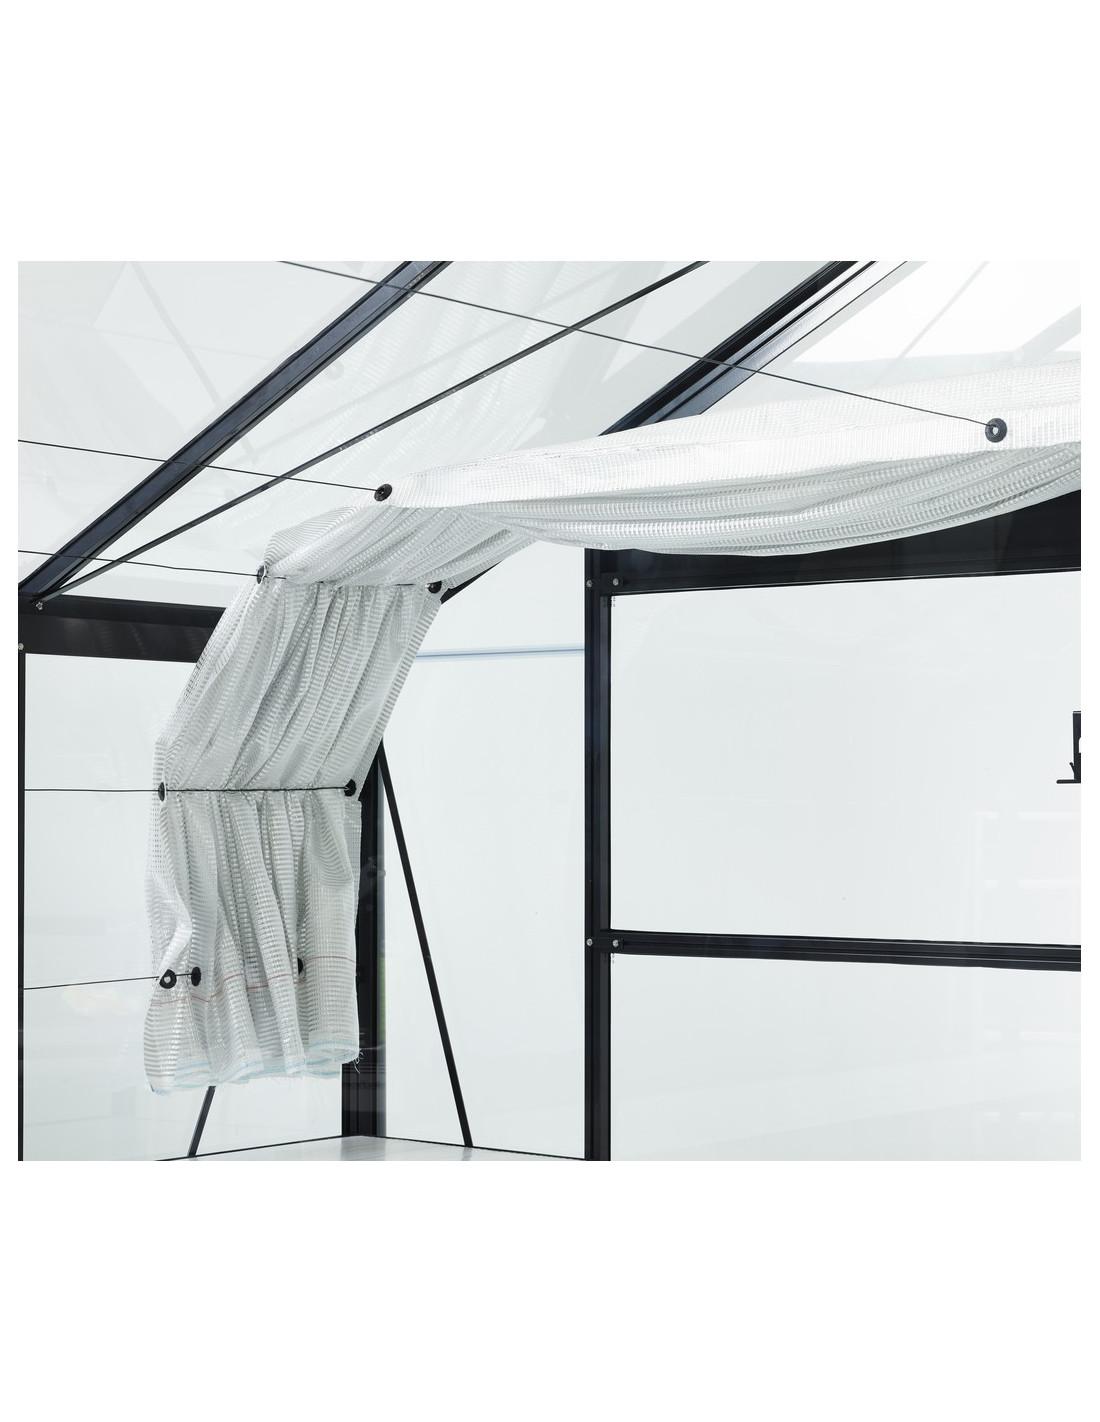 toile d 39 ombrage pro au choix pour serre acd serres et abris. Black Bedroom Furniture Sets. Home Design Ideas